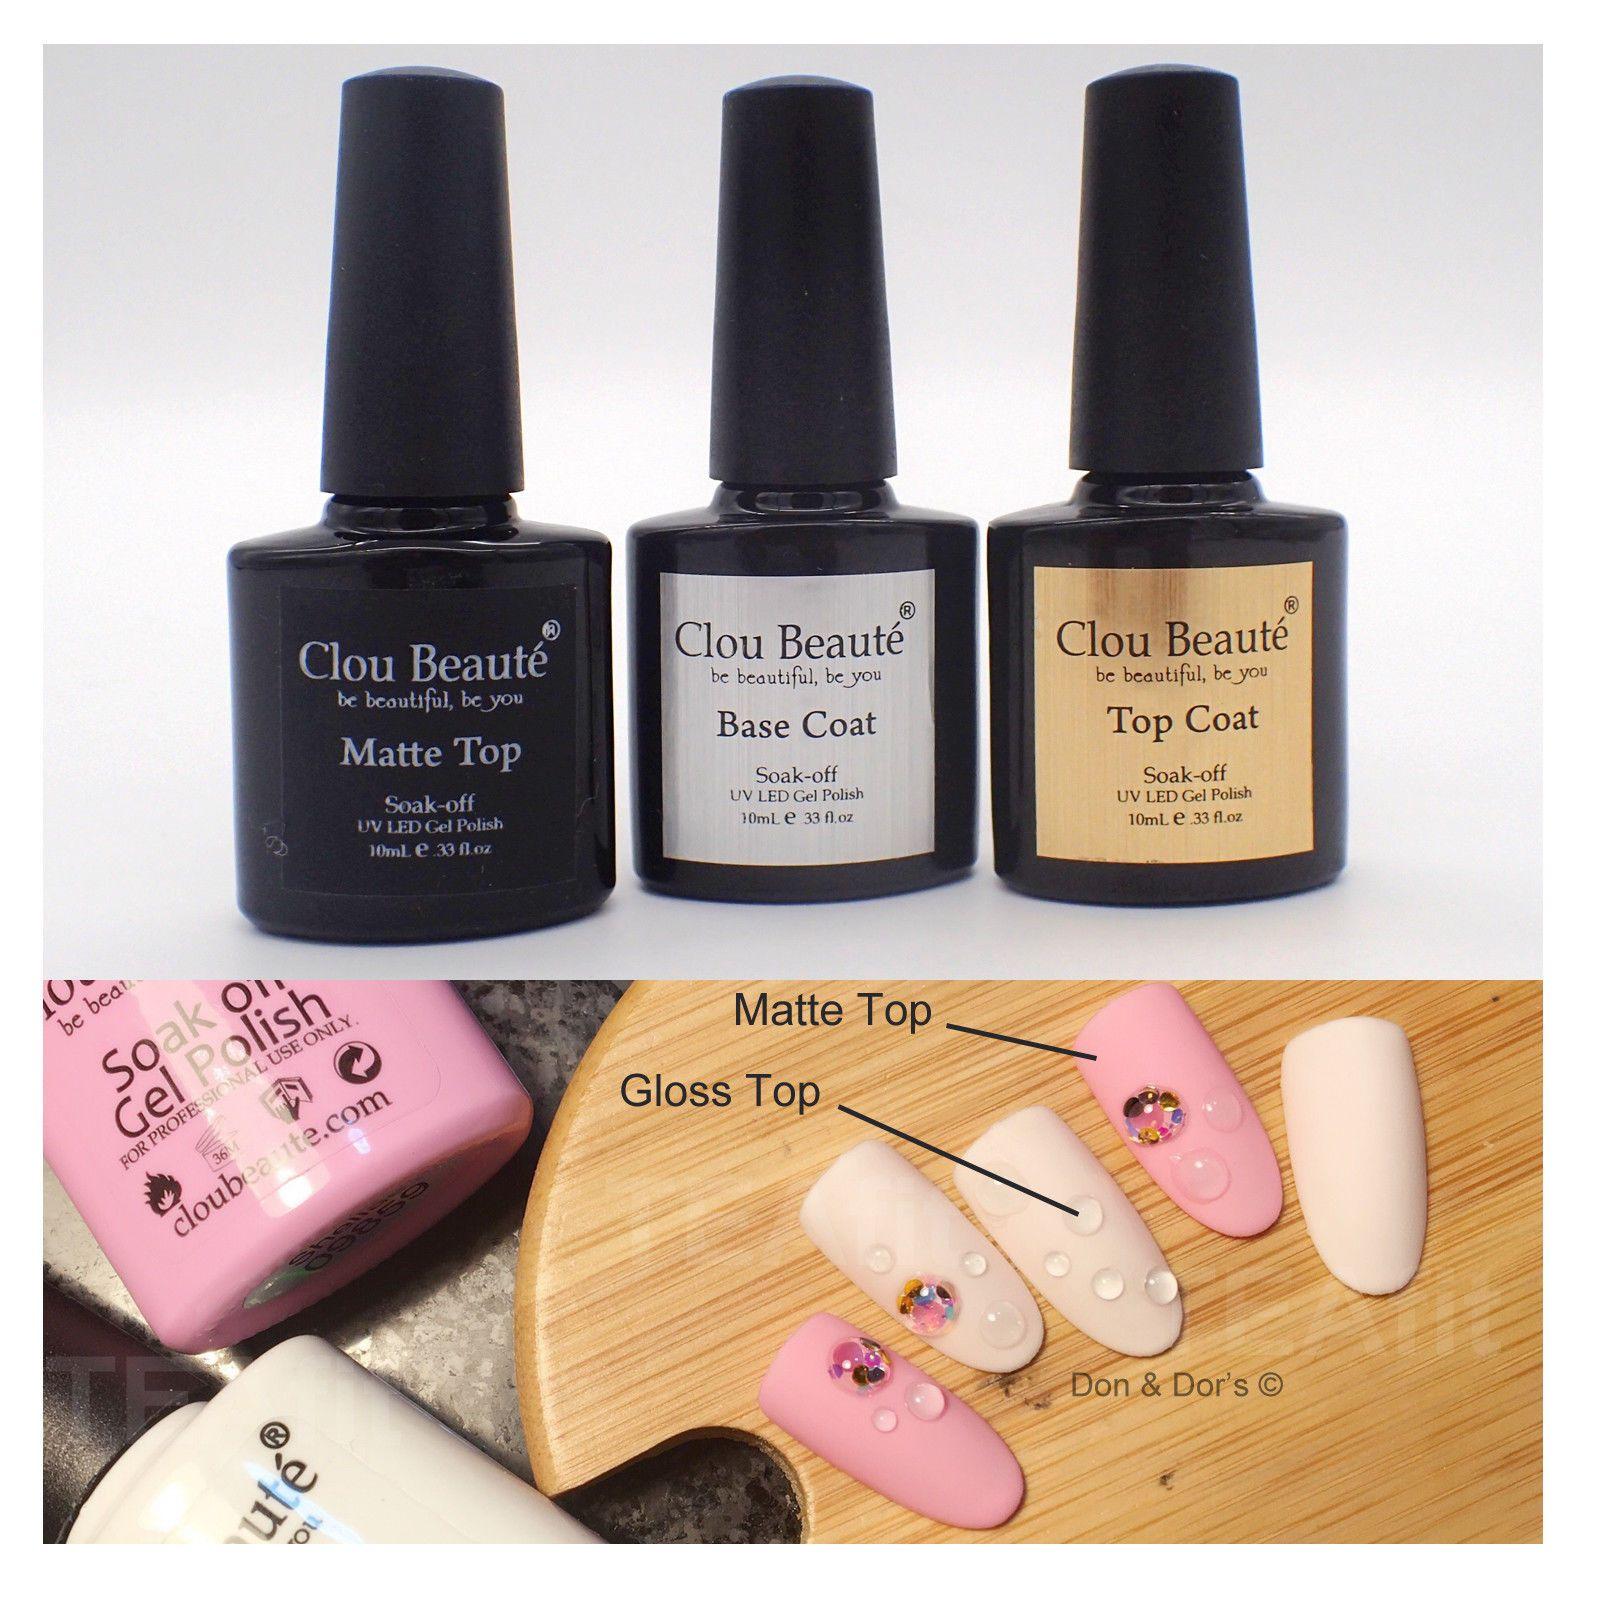 25 Fresh Acrylic Nails Hong Kong Items In This Listing Include 25 Fresh Acrylic Nails Hong Kong Fun Hong Ko Acrylic Nails Fake Gel Nails Dark Acrylic Nails